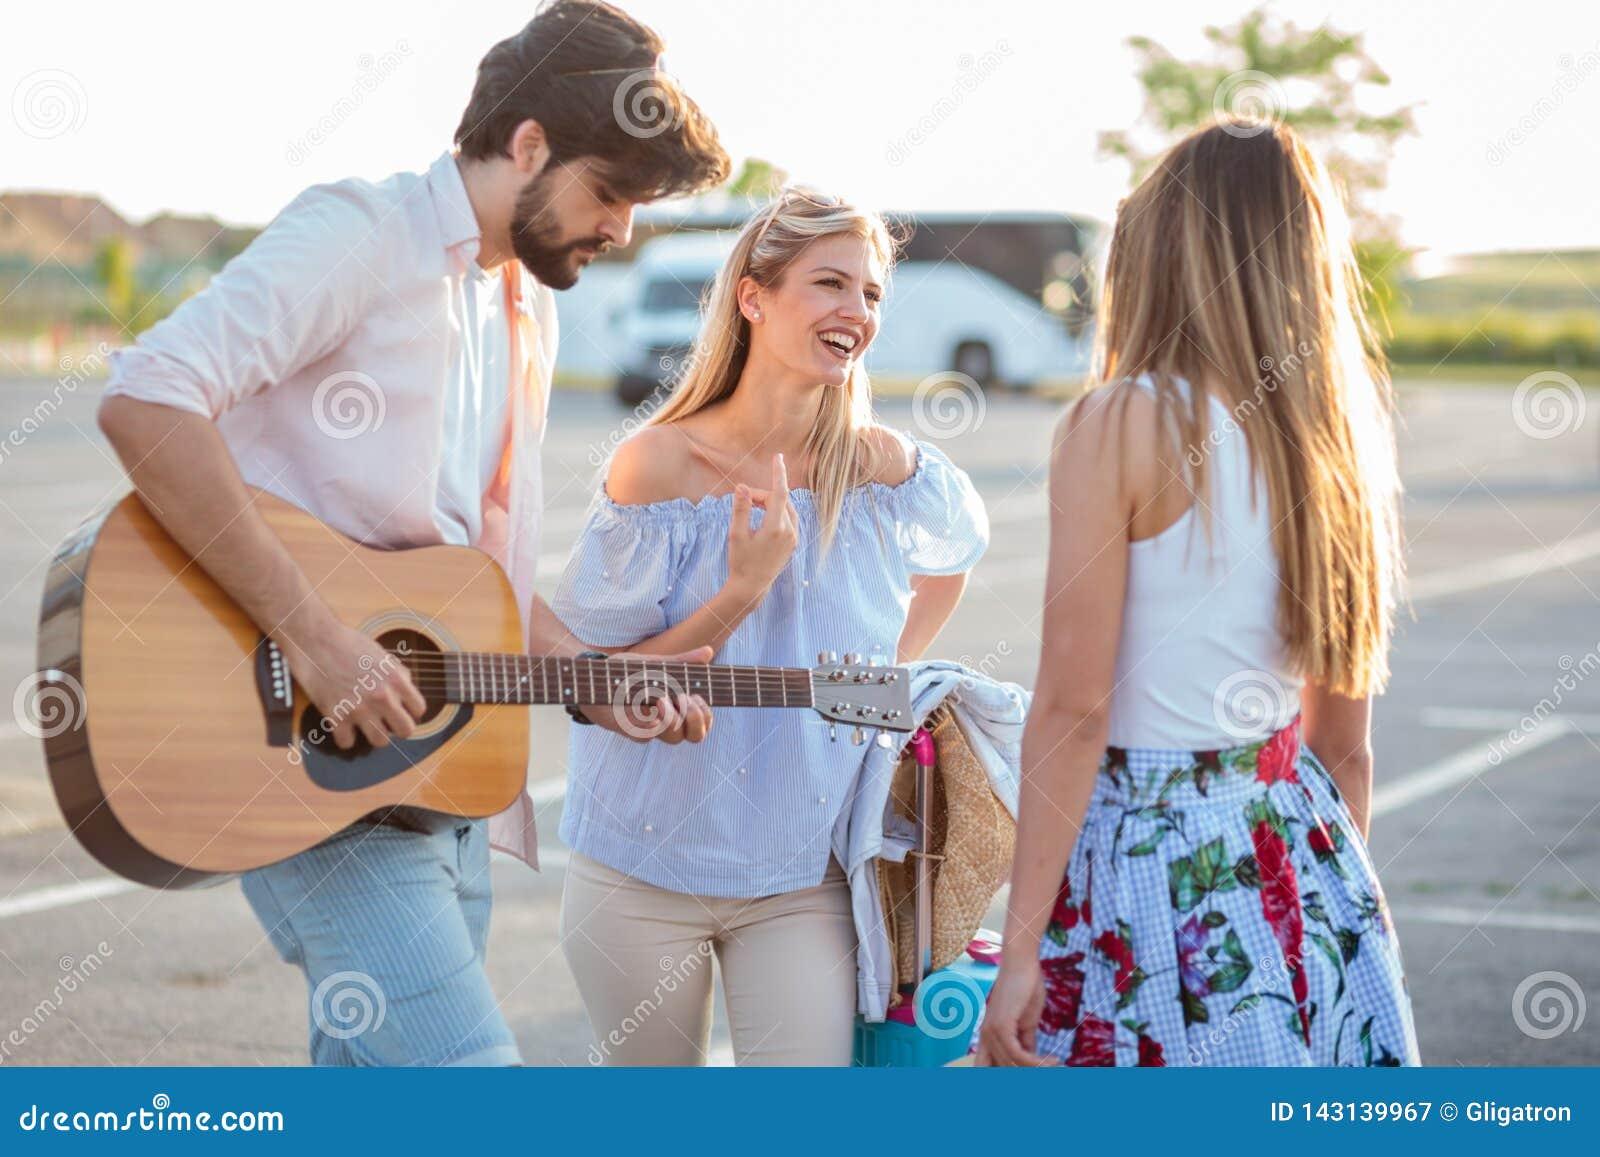 Ομάδα νέων τουριστών που έχουν τη διασκέδαση και που παίζουν την κιθάρα σε έναν χώρο στάθμευσης, που περιμένει τη μεταφορά